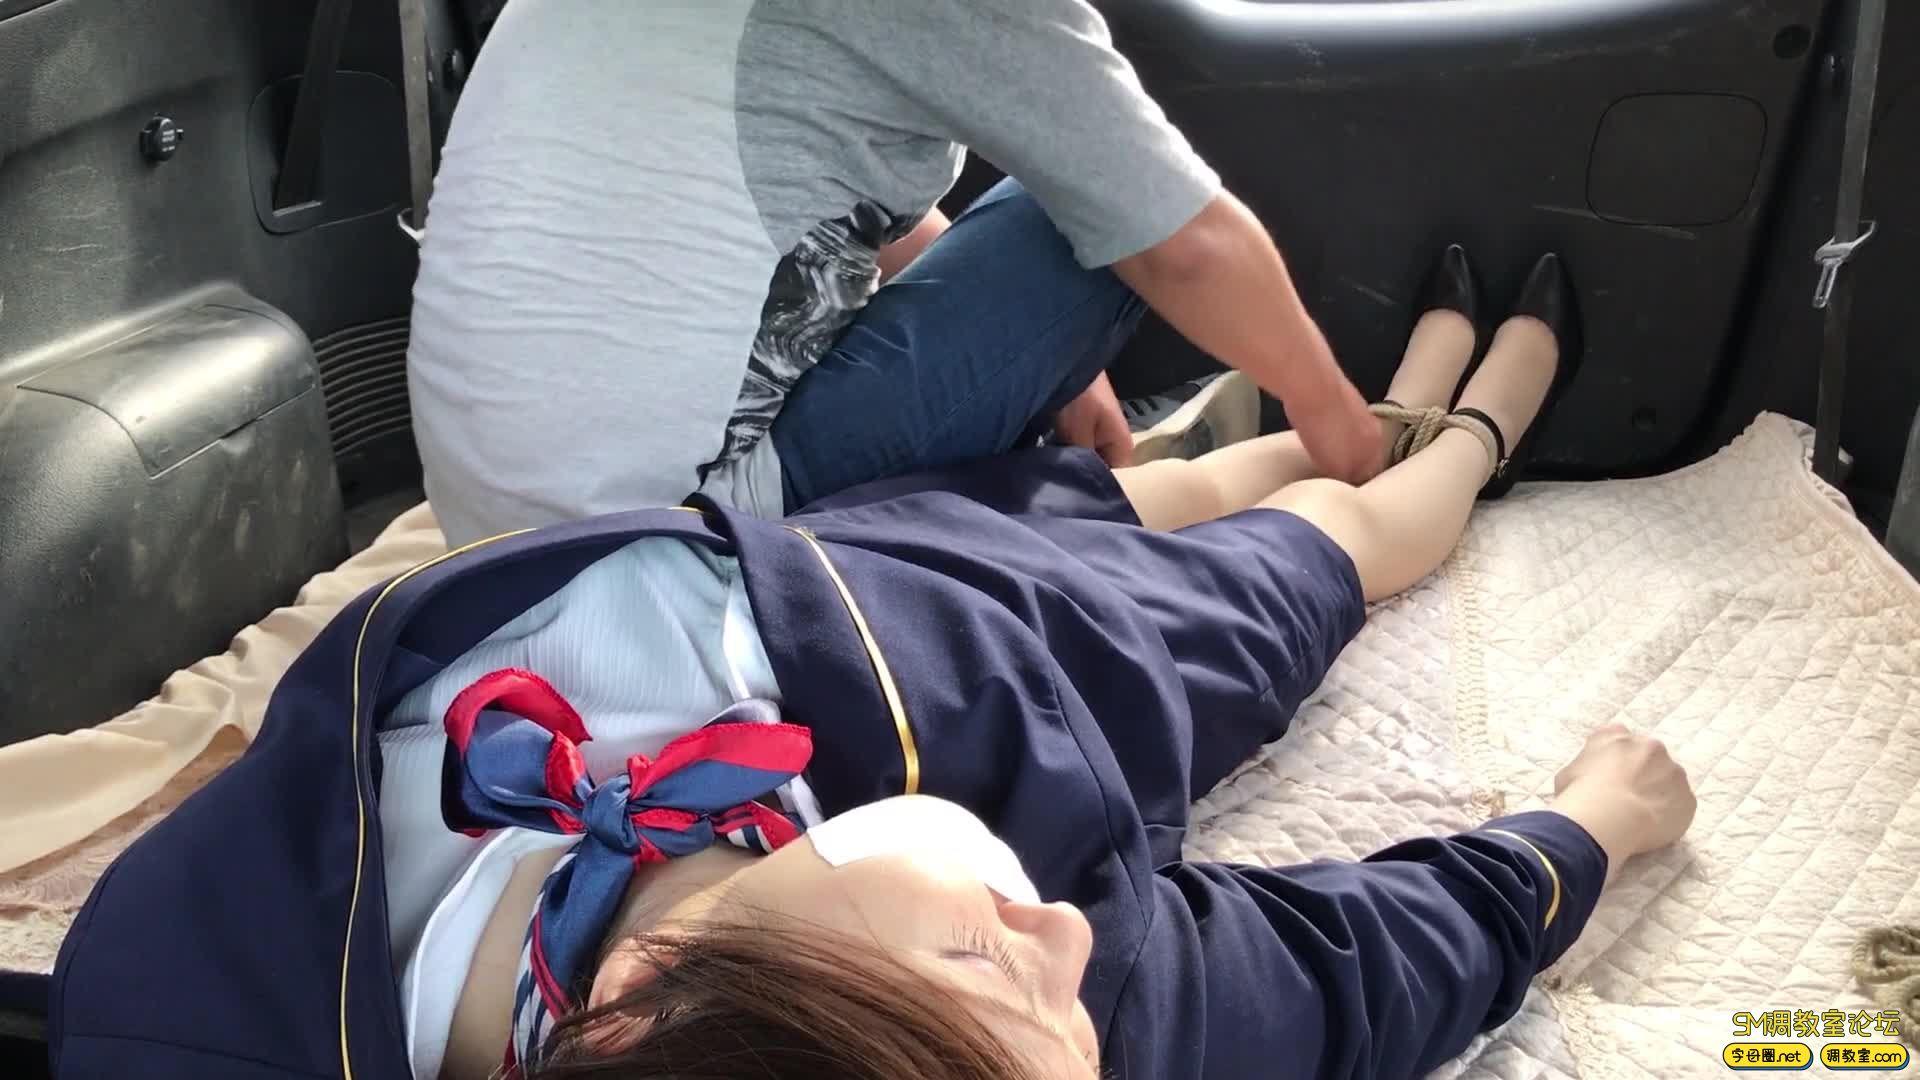 【旋律受虐记15】 空姐的磨难之街头绑架篇-视频截图2